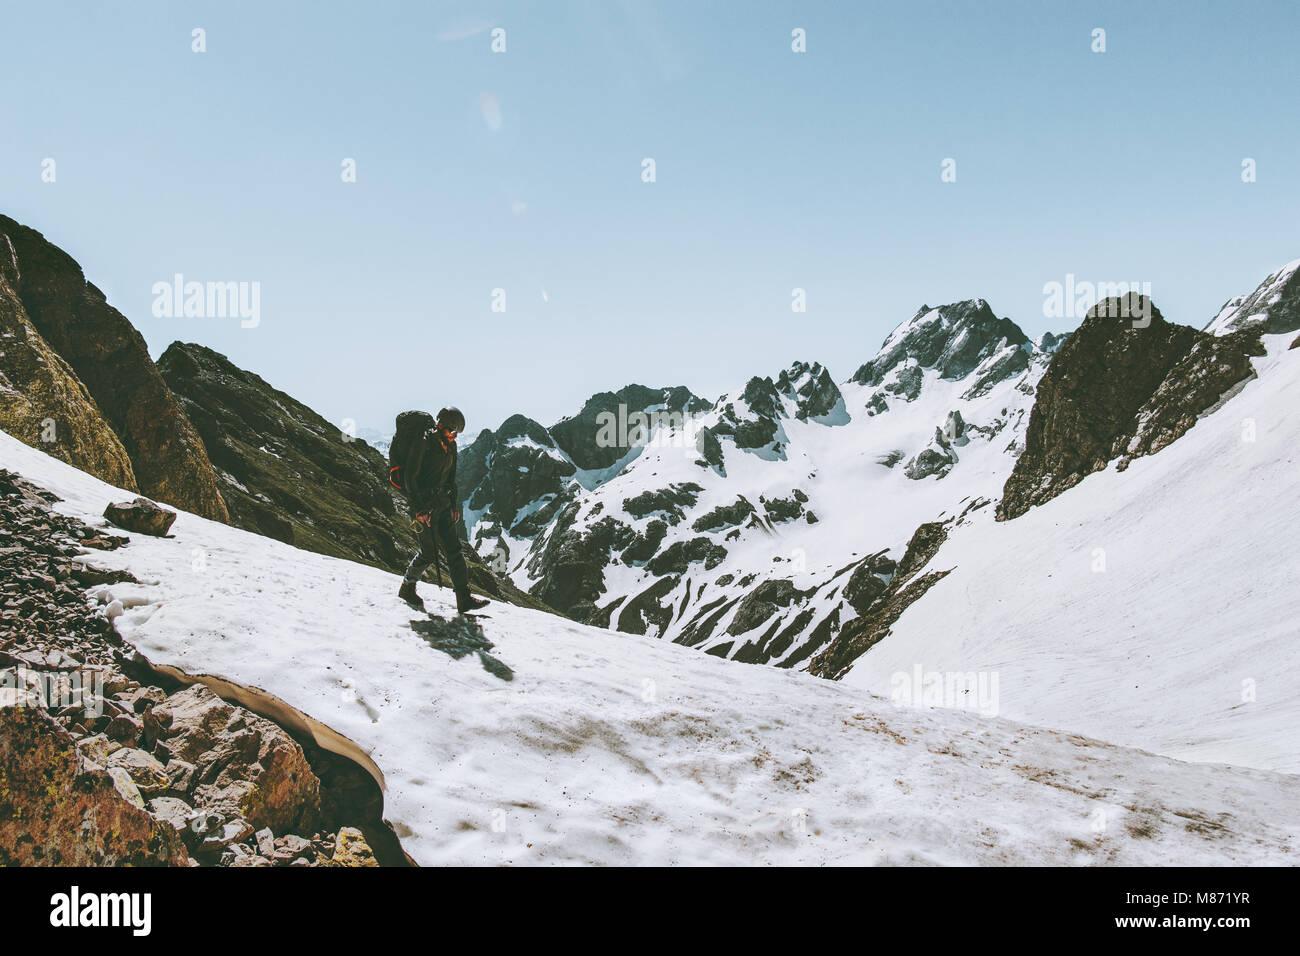 Mann Reisender mit Rucksack wandern in Snowy Mountains Reise überleben Lifestyle-konzept Abenteuer outdoor Stockbild